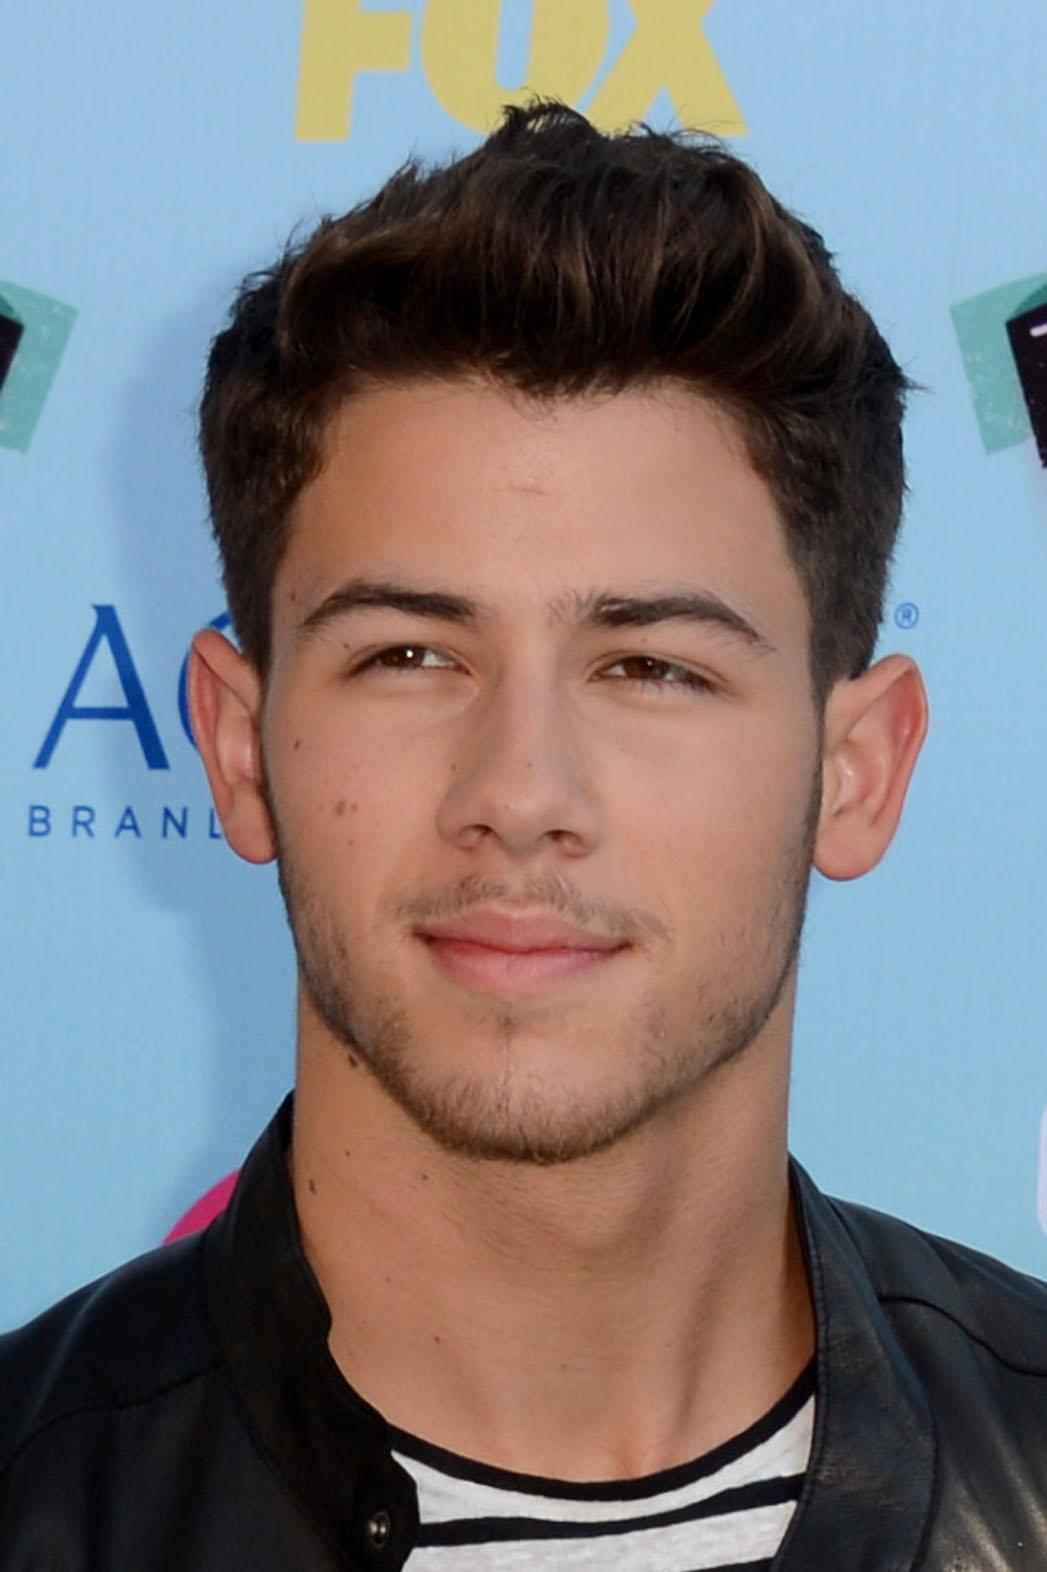 Nick Jonas Headshot - P 2013